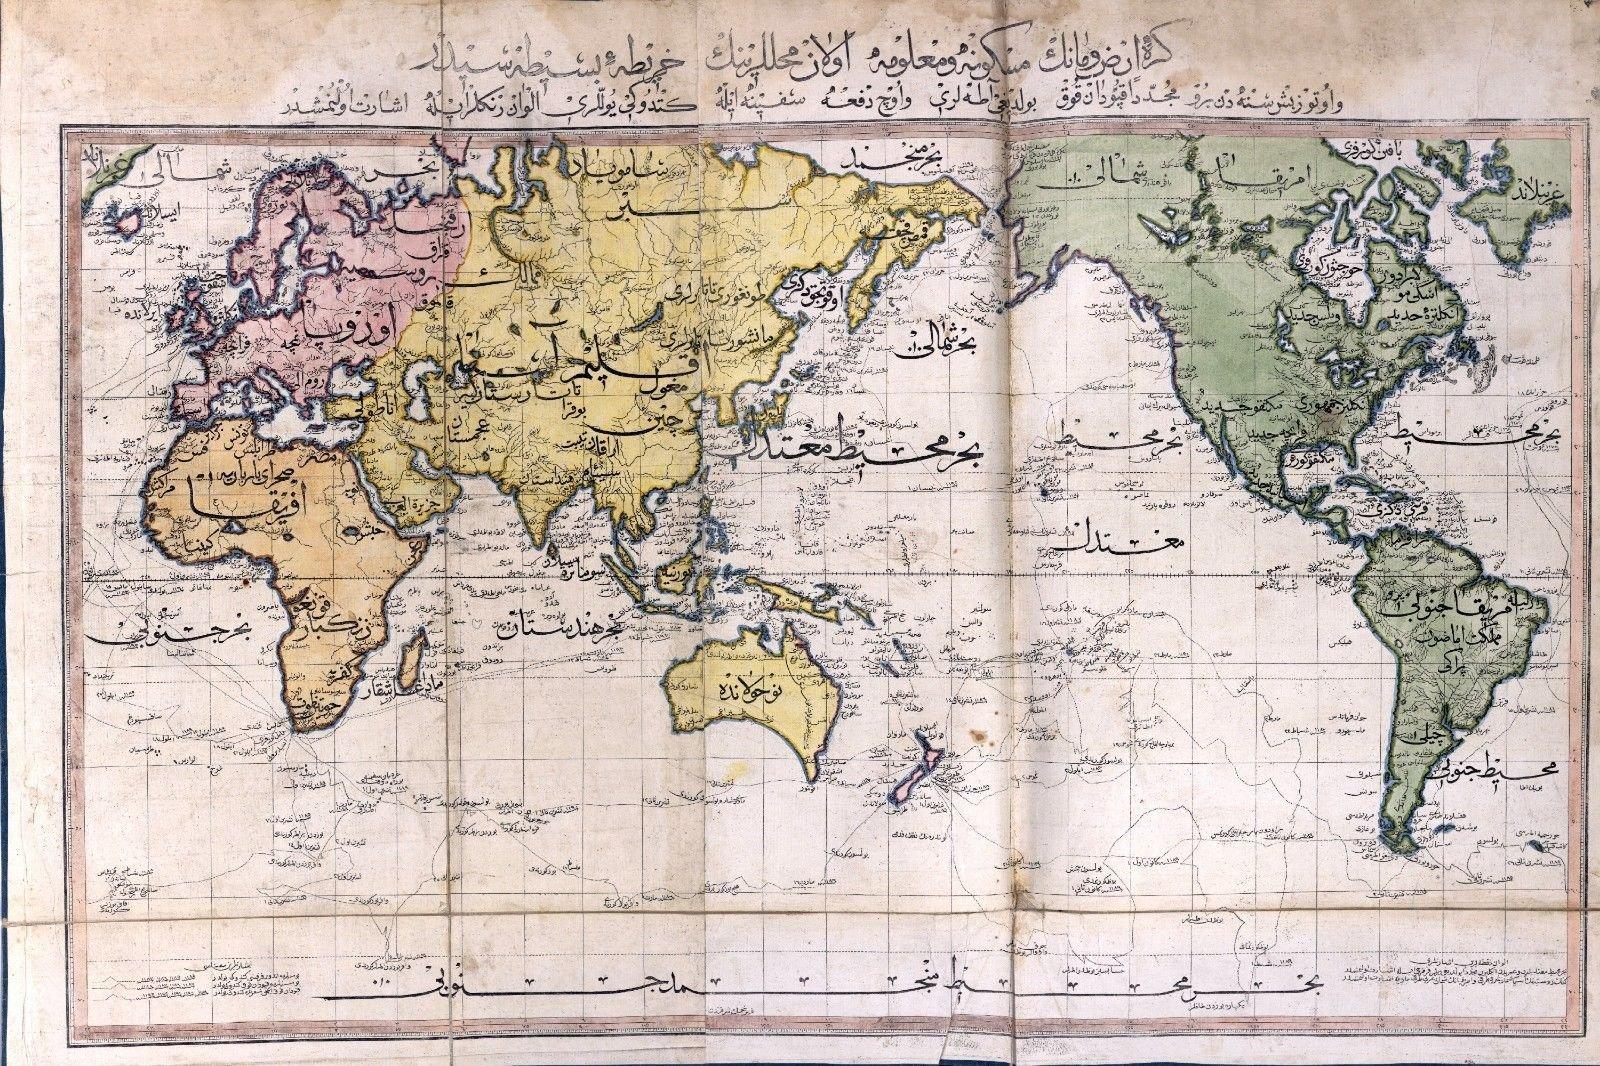 1803-cü ildə Osmanlı imperiyasının dünya xəritəsi